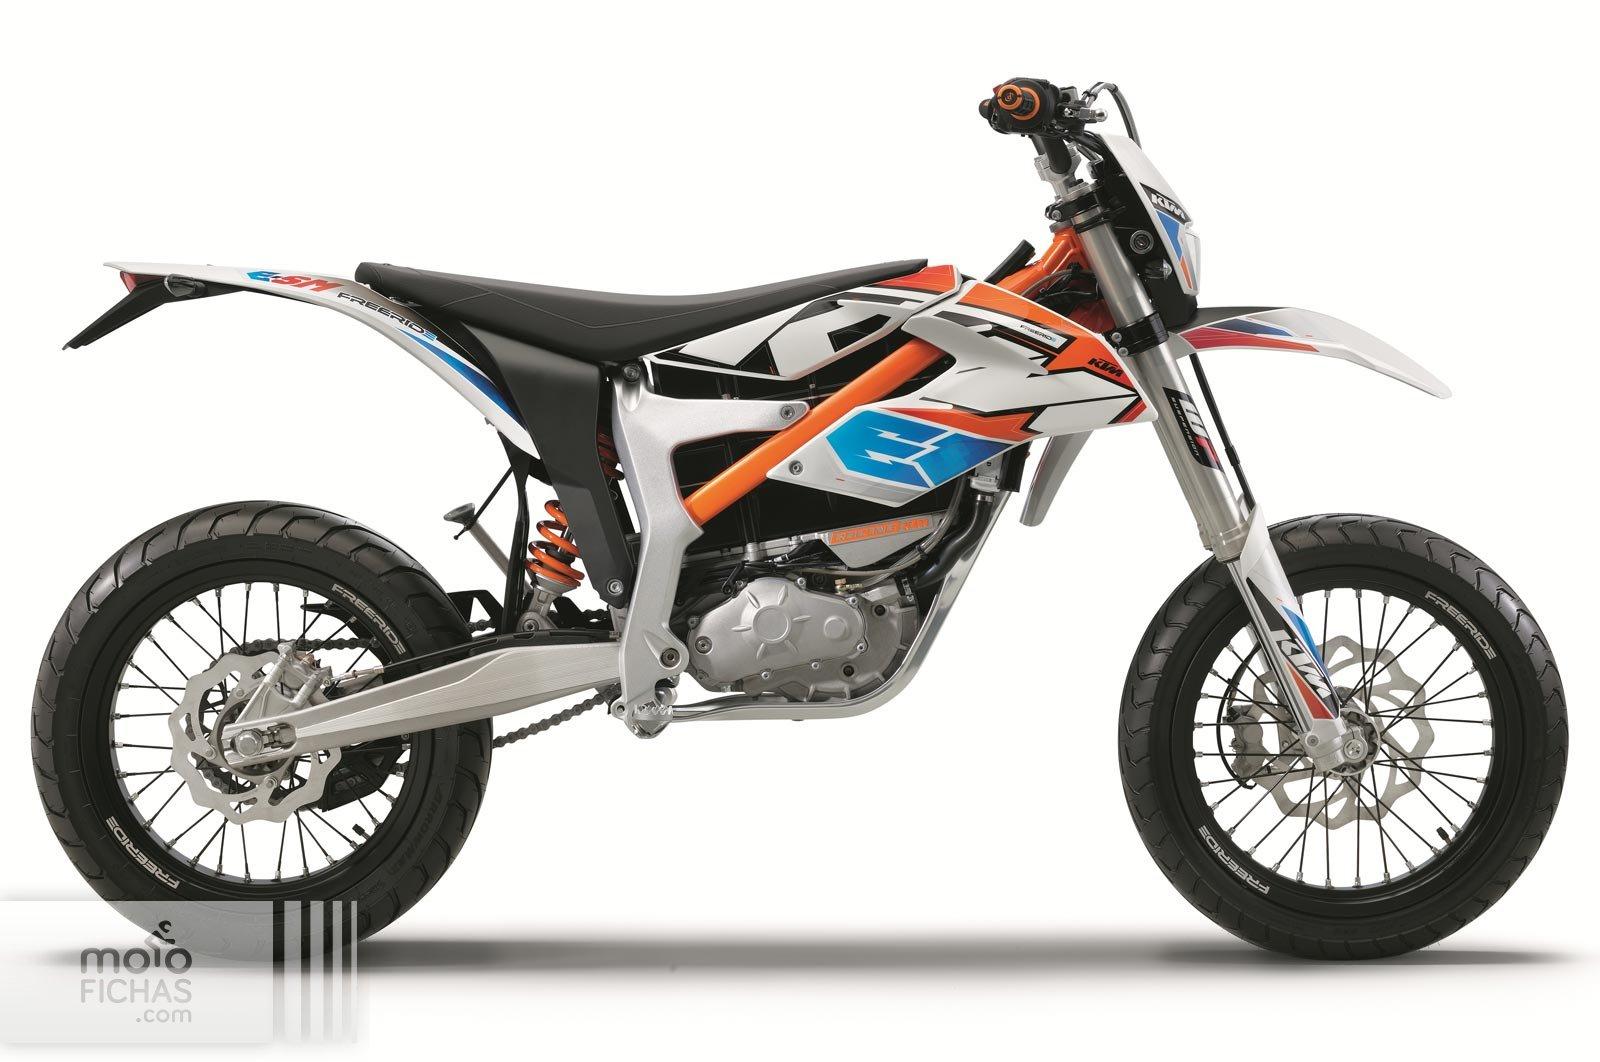 Ktm Freeride E Sm >> KTM Freeride E-SM precio ficha opiniones y ofertas